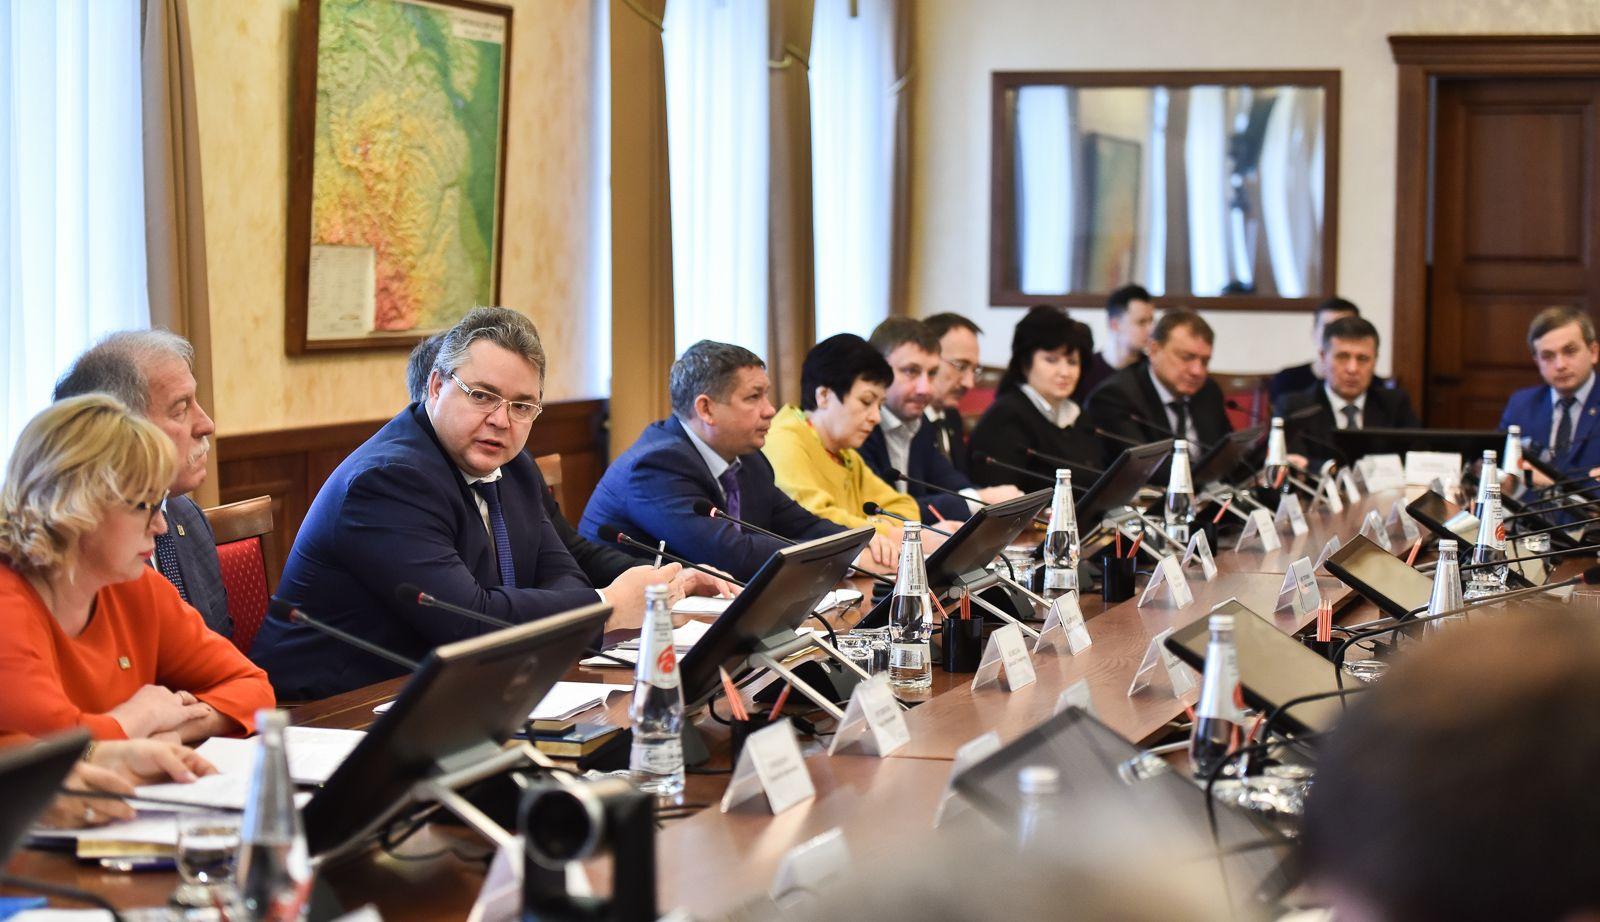 Глава Ставропольского края встретился с лауреатами проекта «Новая энергия»